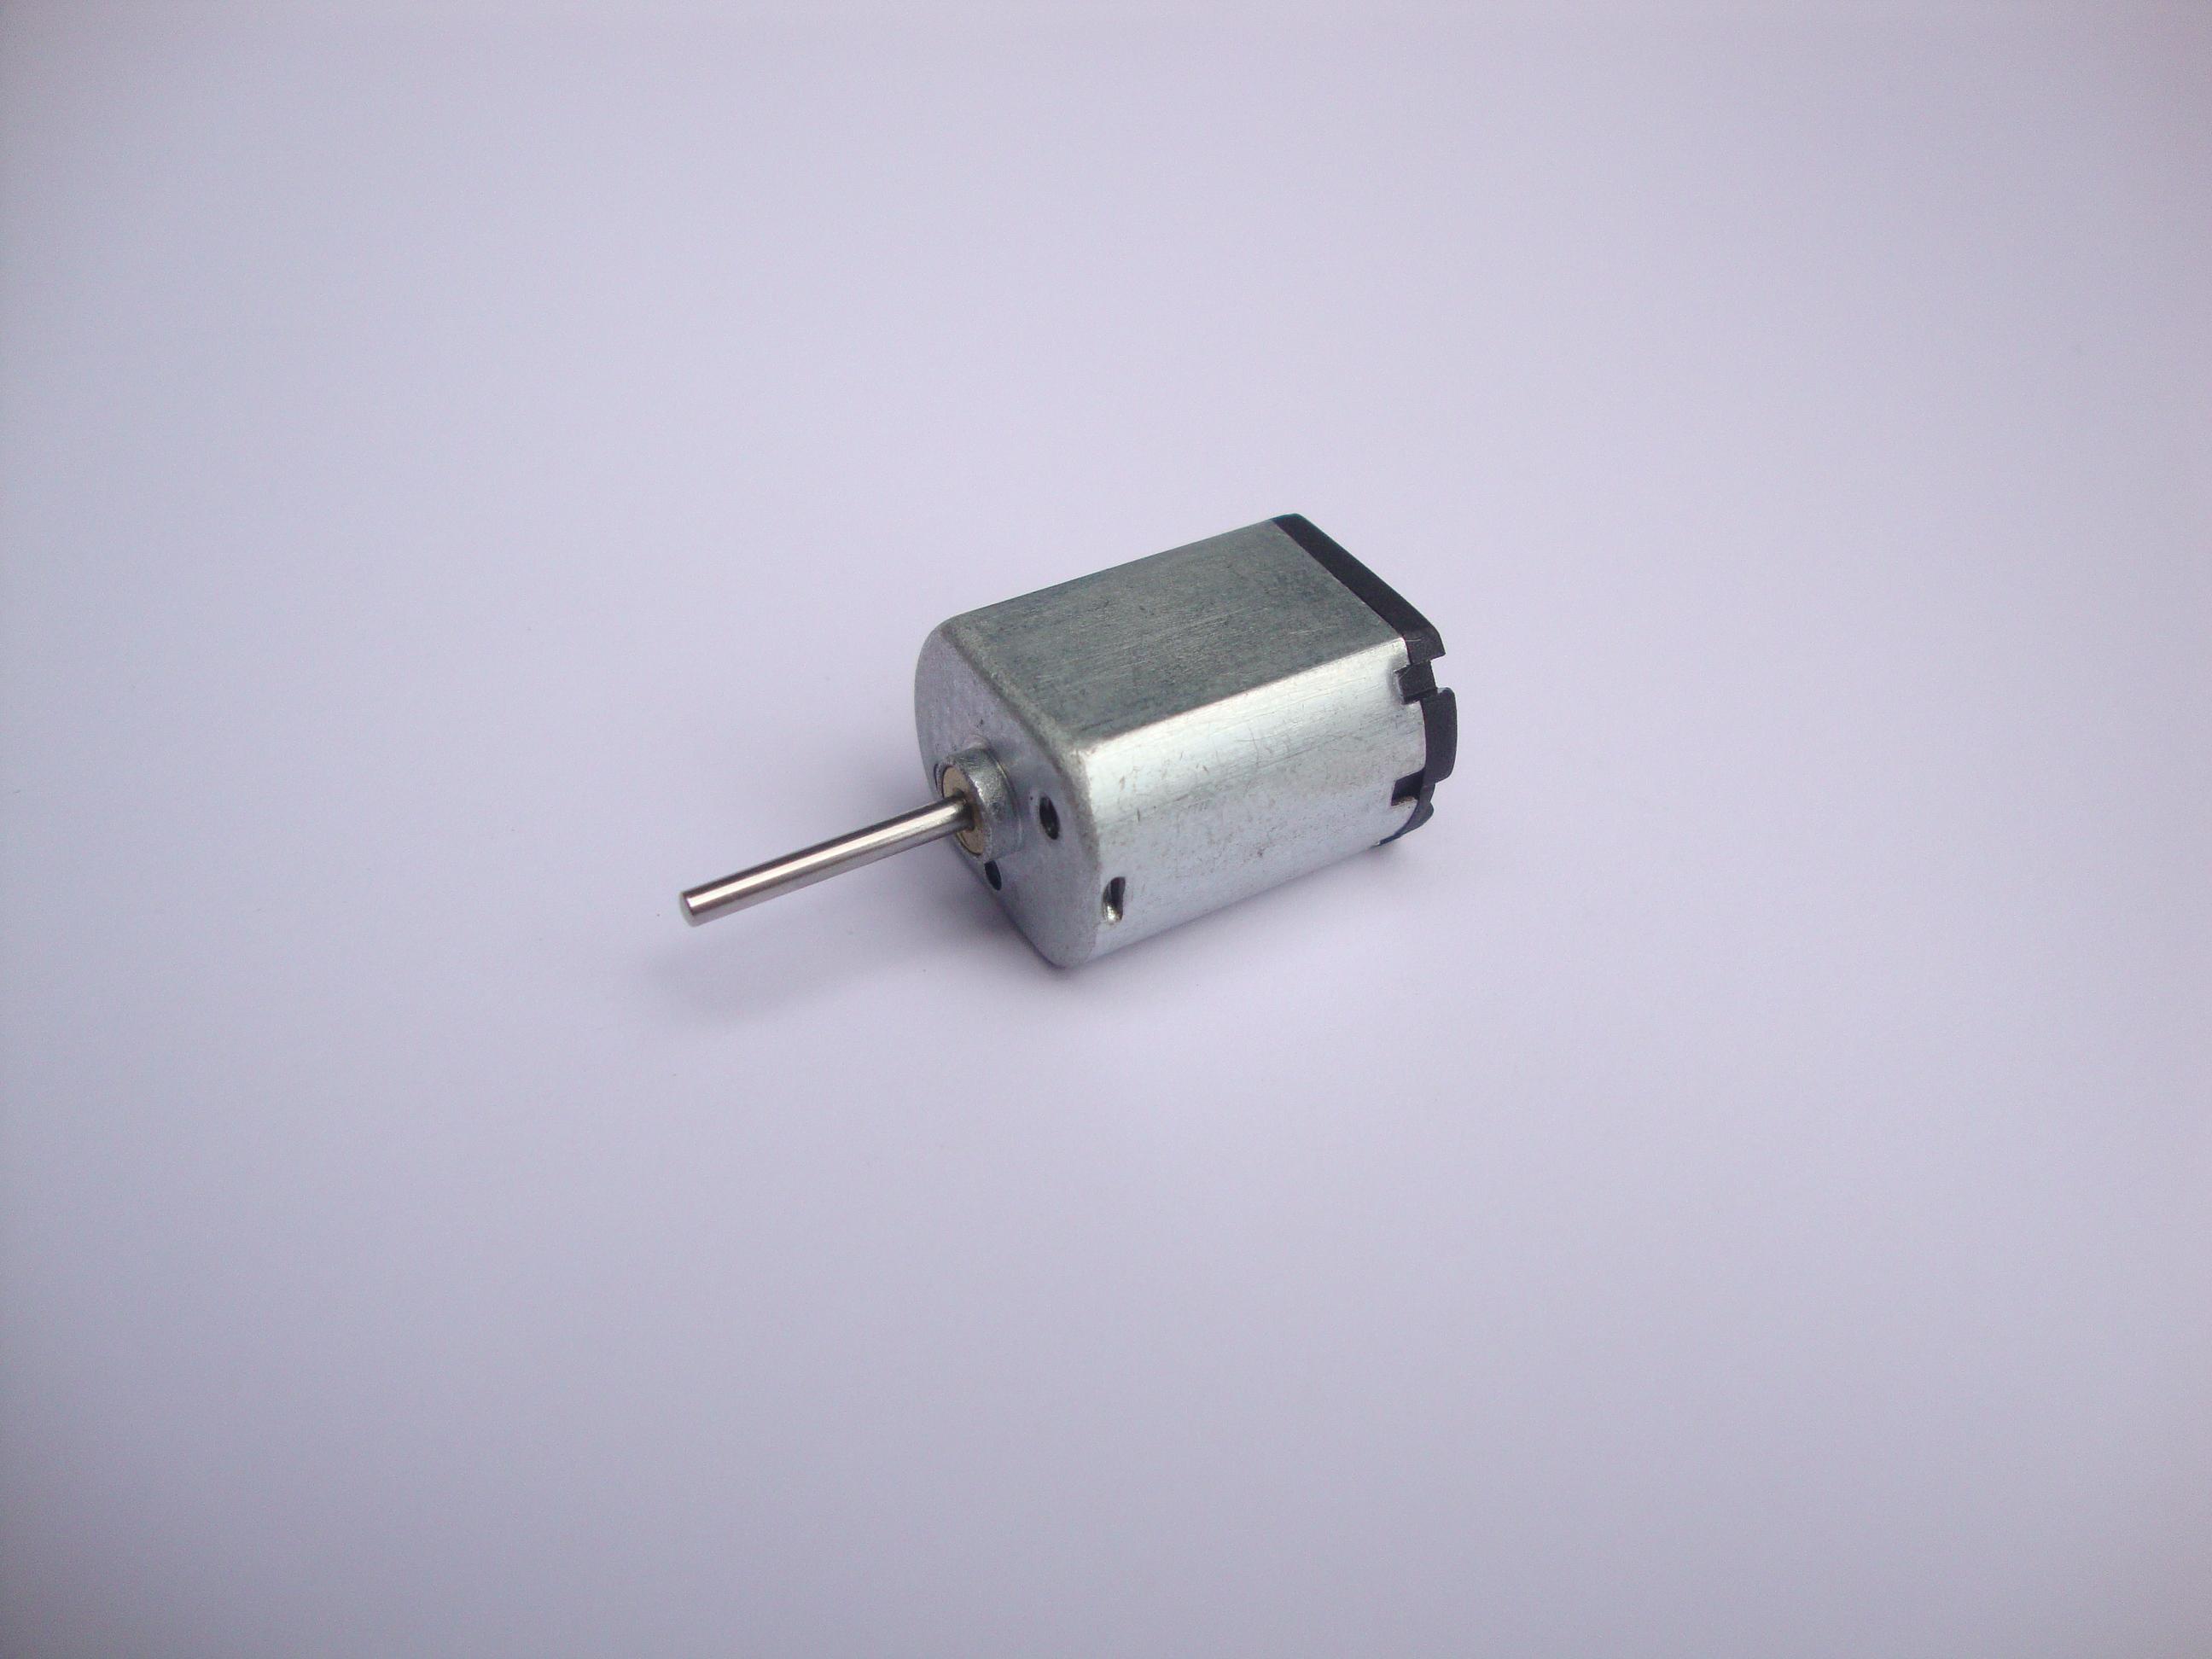 厂家直销030马达 继电器电机 剃须刀马达 电动工具电机